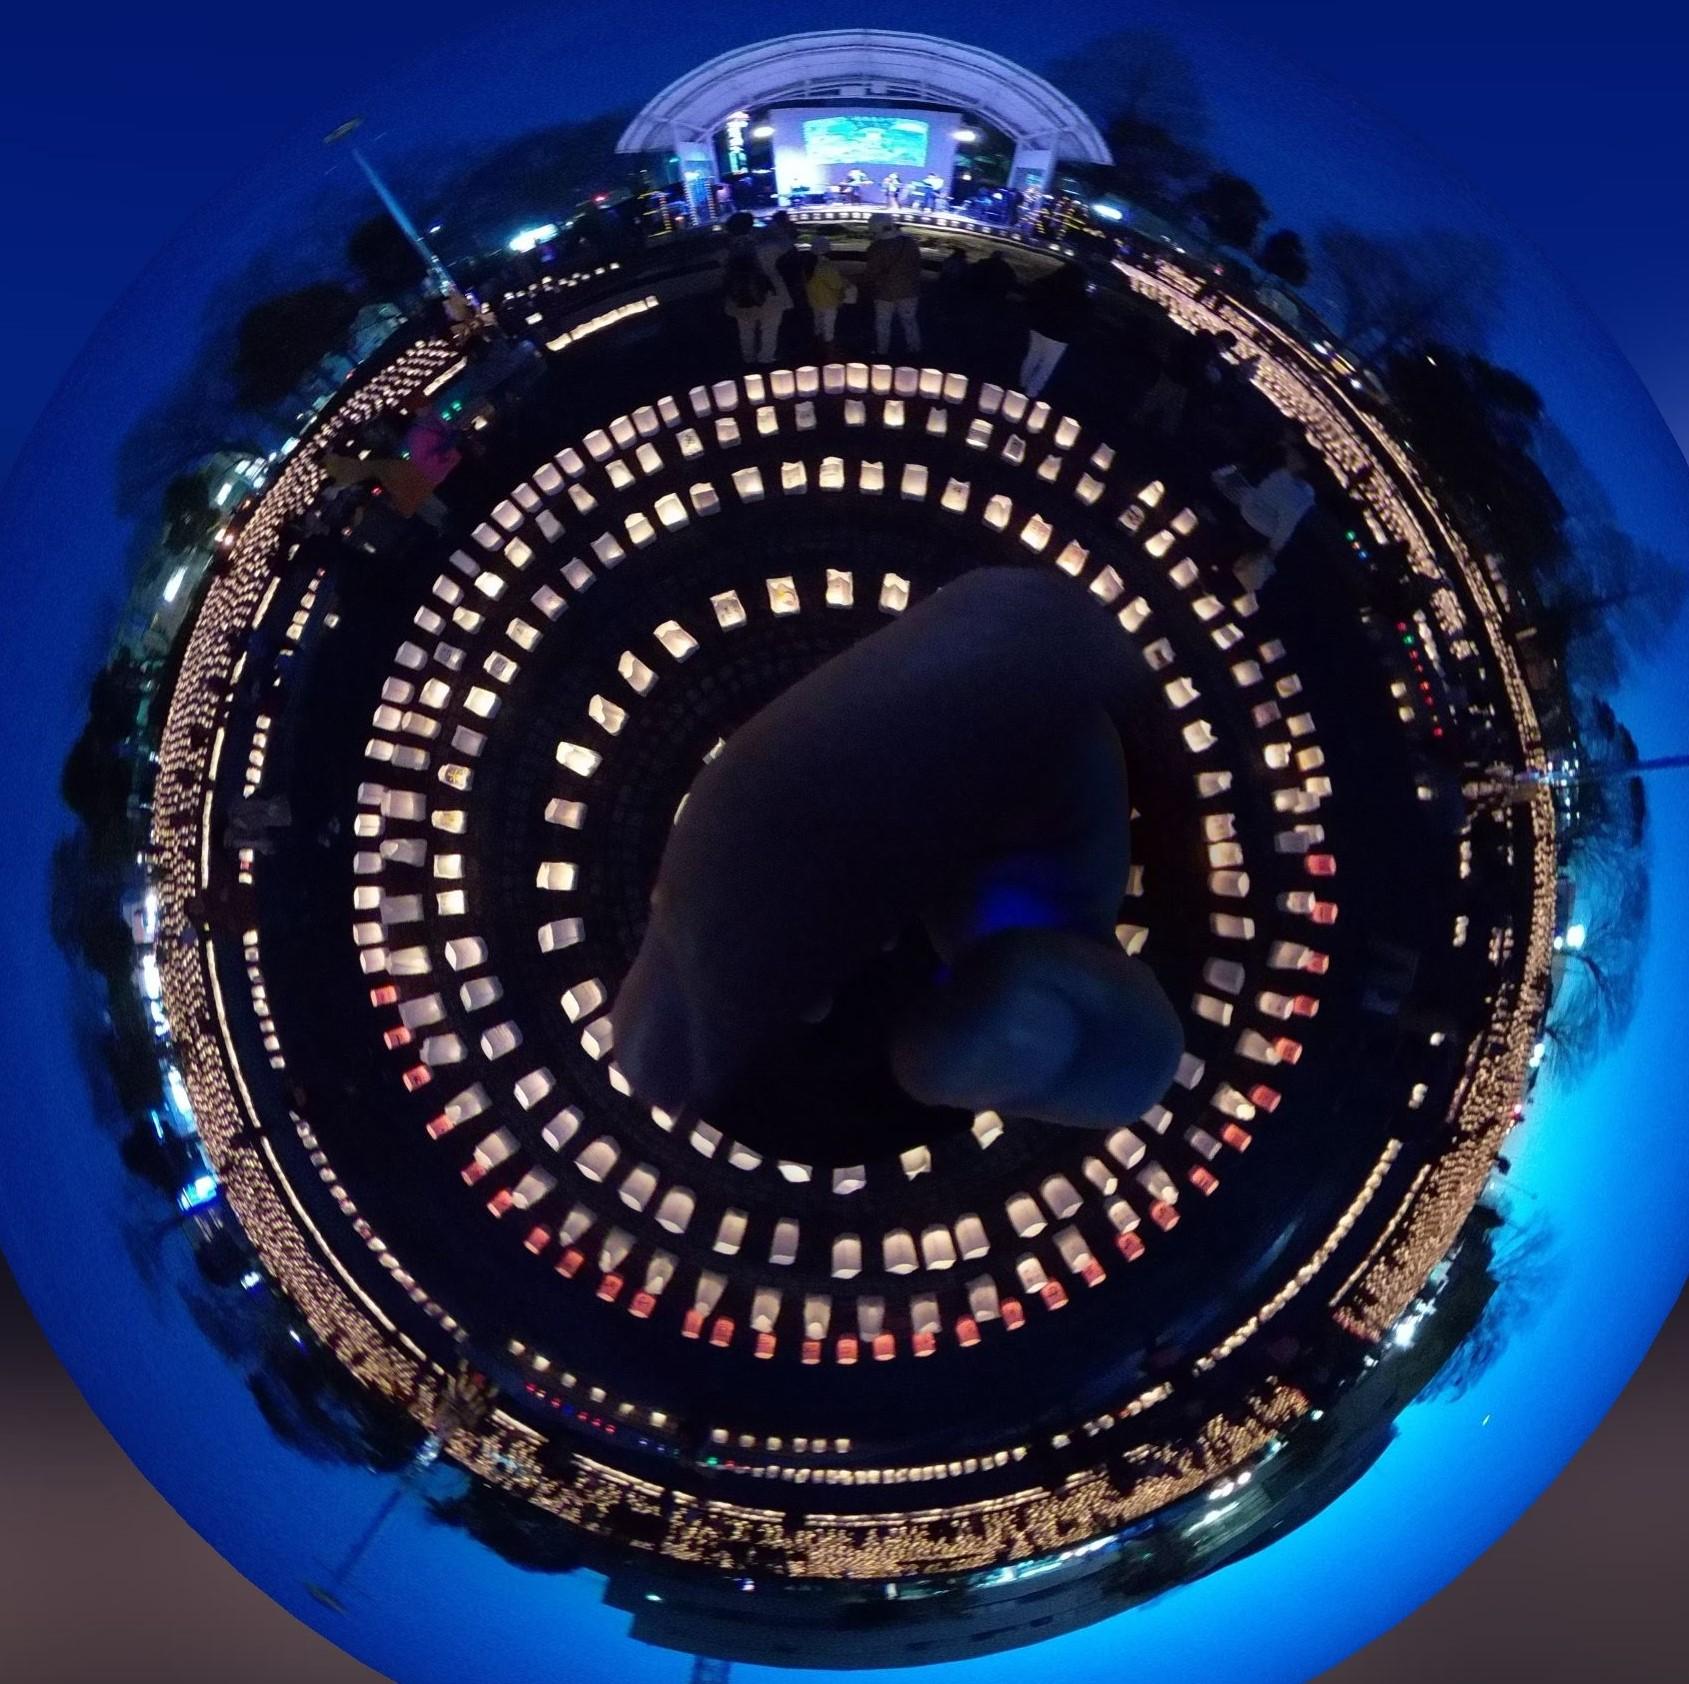 紙袋キャンドルの灯りと空の色が絶妙な「ゆめあかり3.11」360度写真